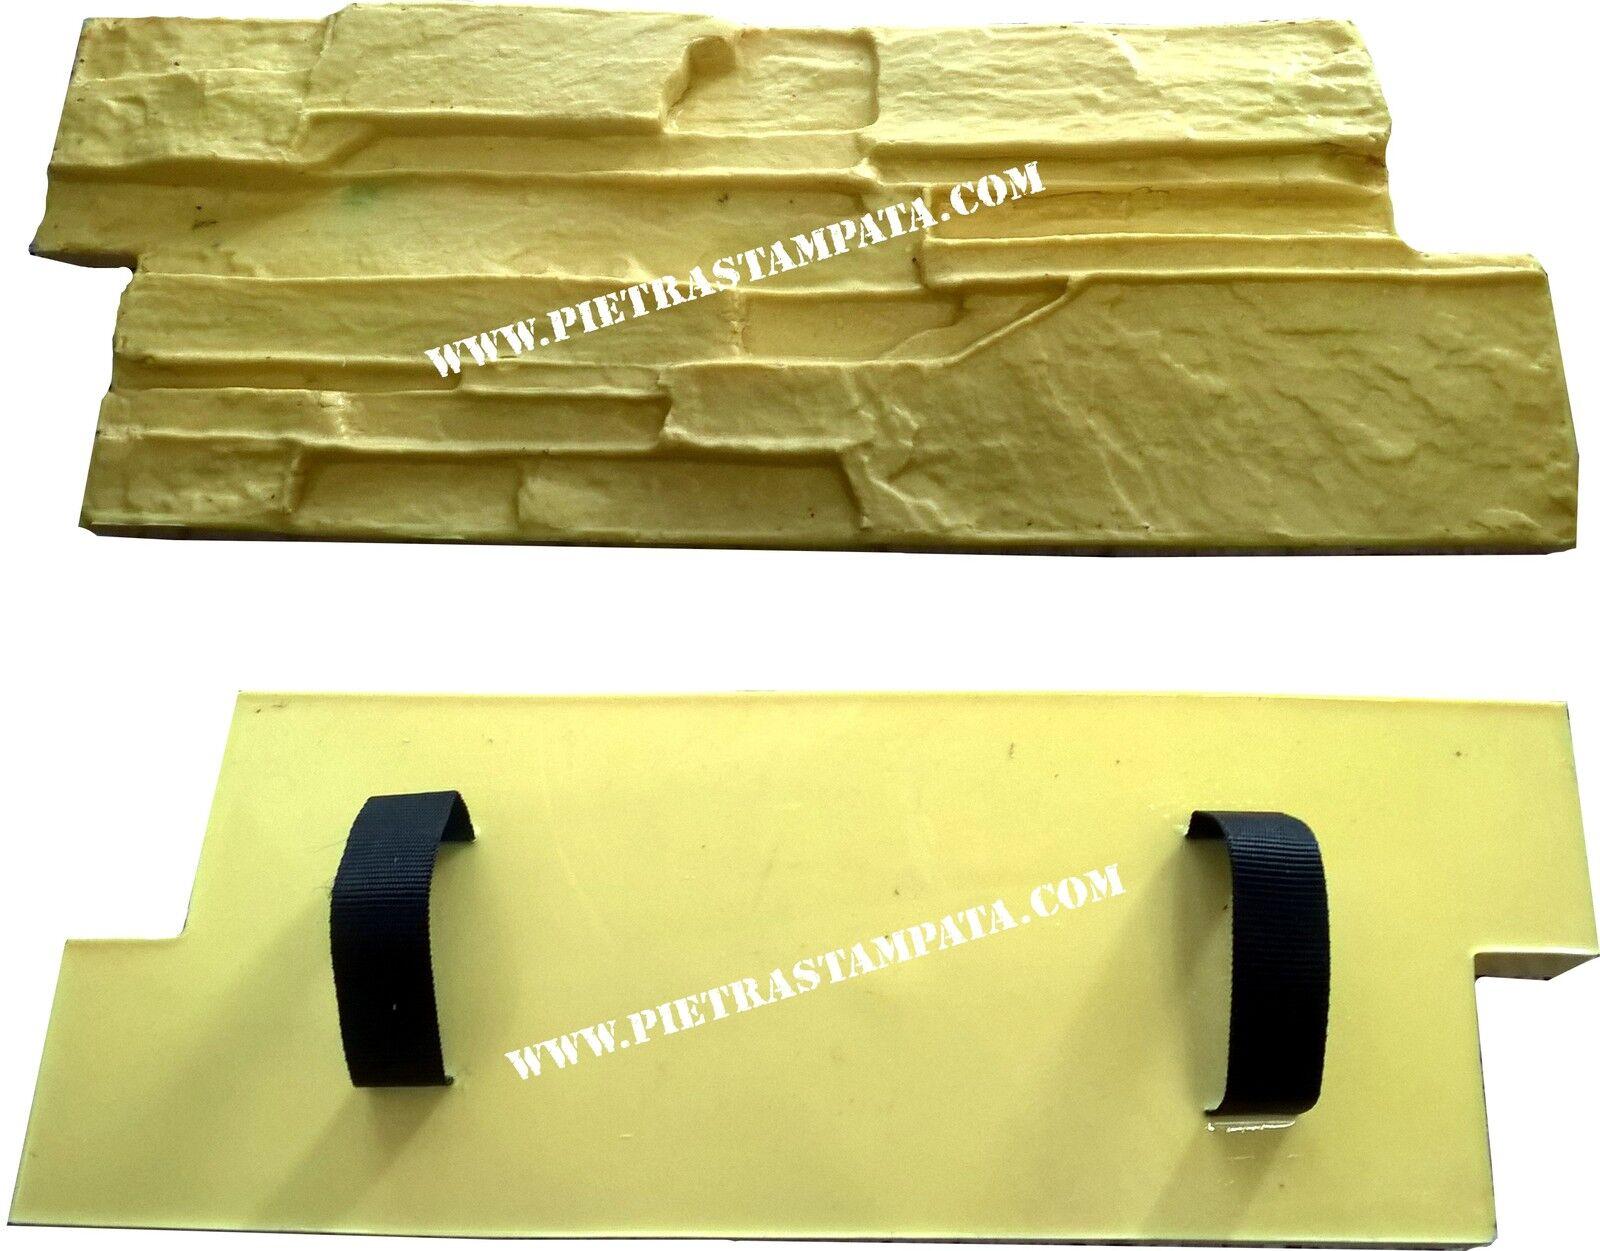 Polyurethan Stempel, für Grünikale und horizontale dekorative Beton Gips Textur